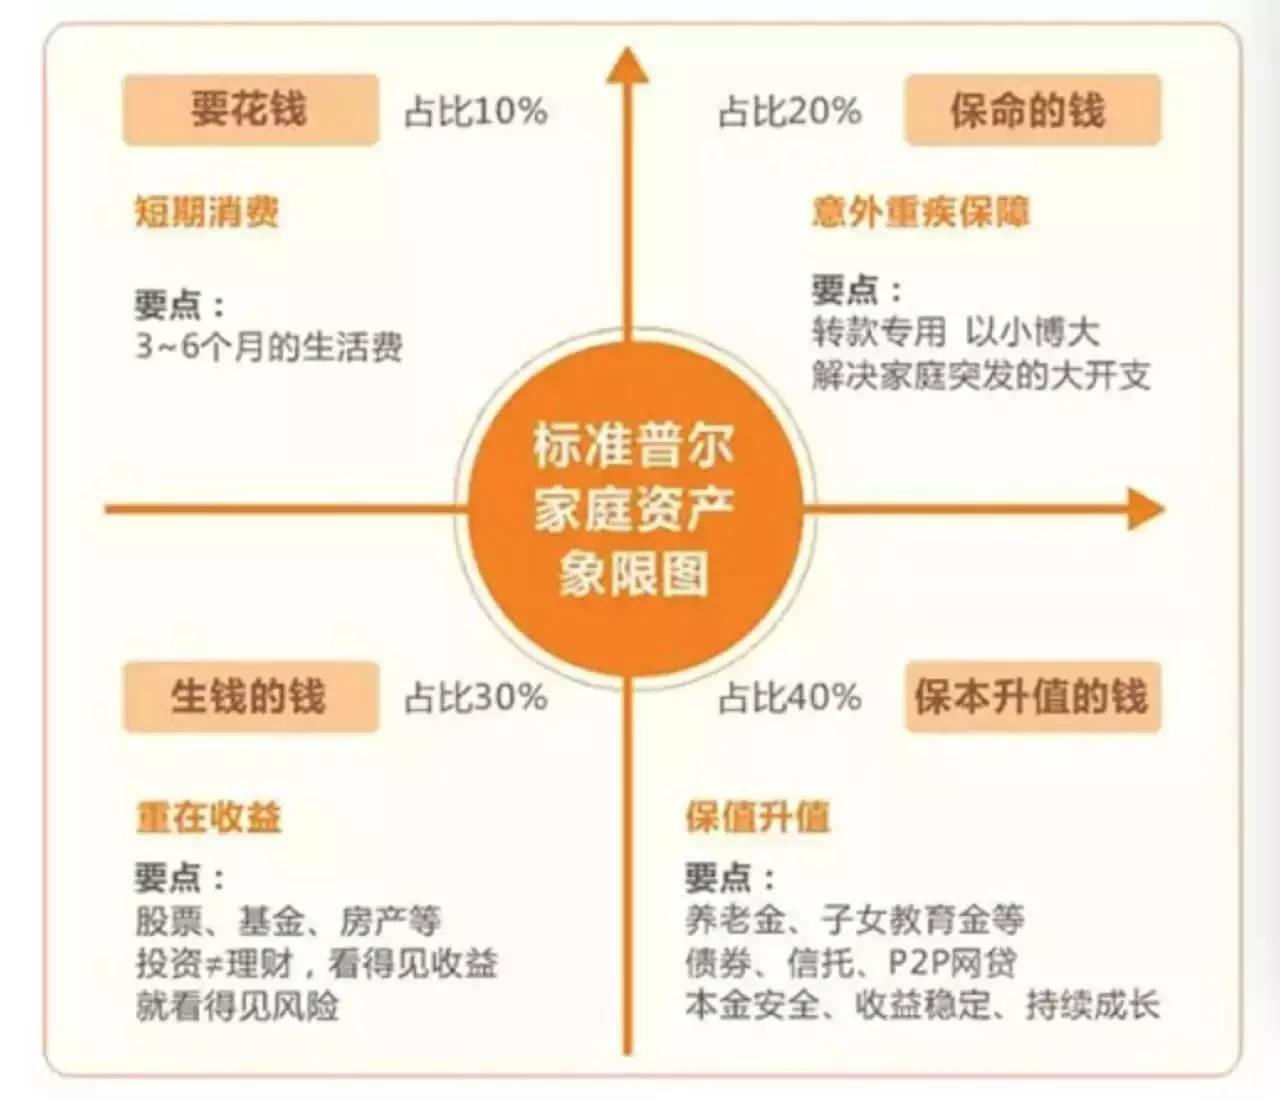 标准普尔四象限_标准普尔家庭资产图标准普尔家庭资产配置图